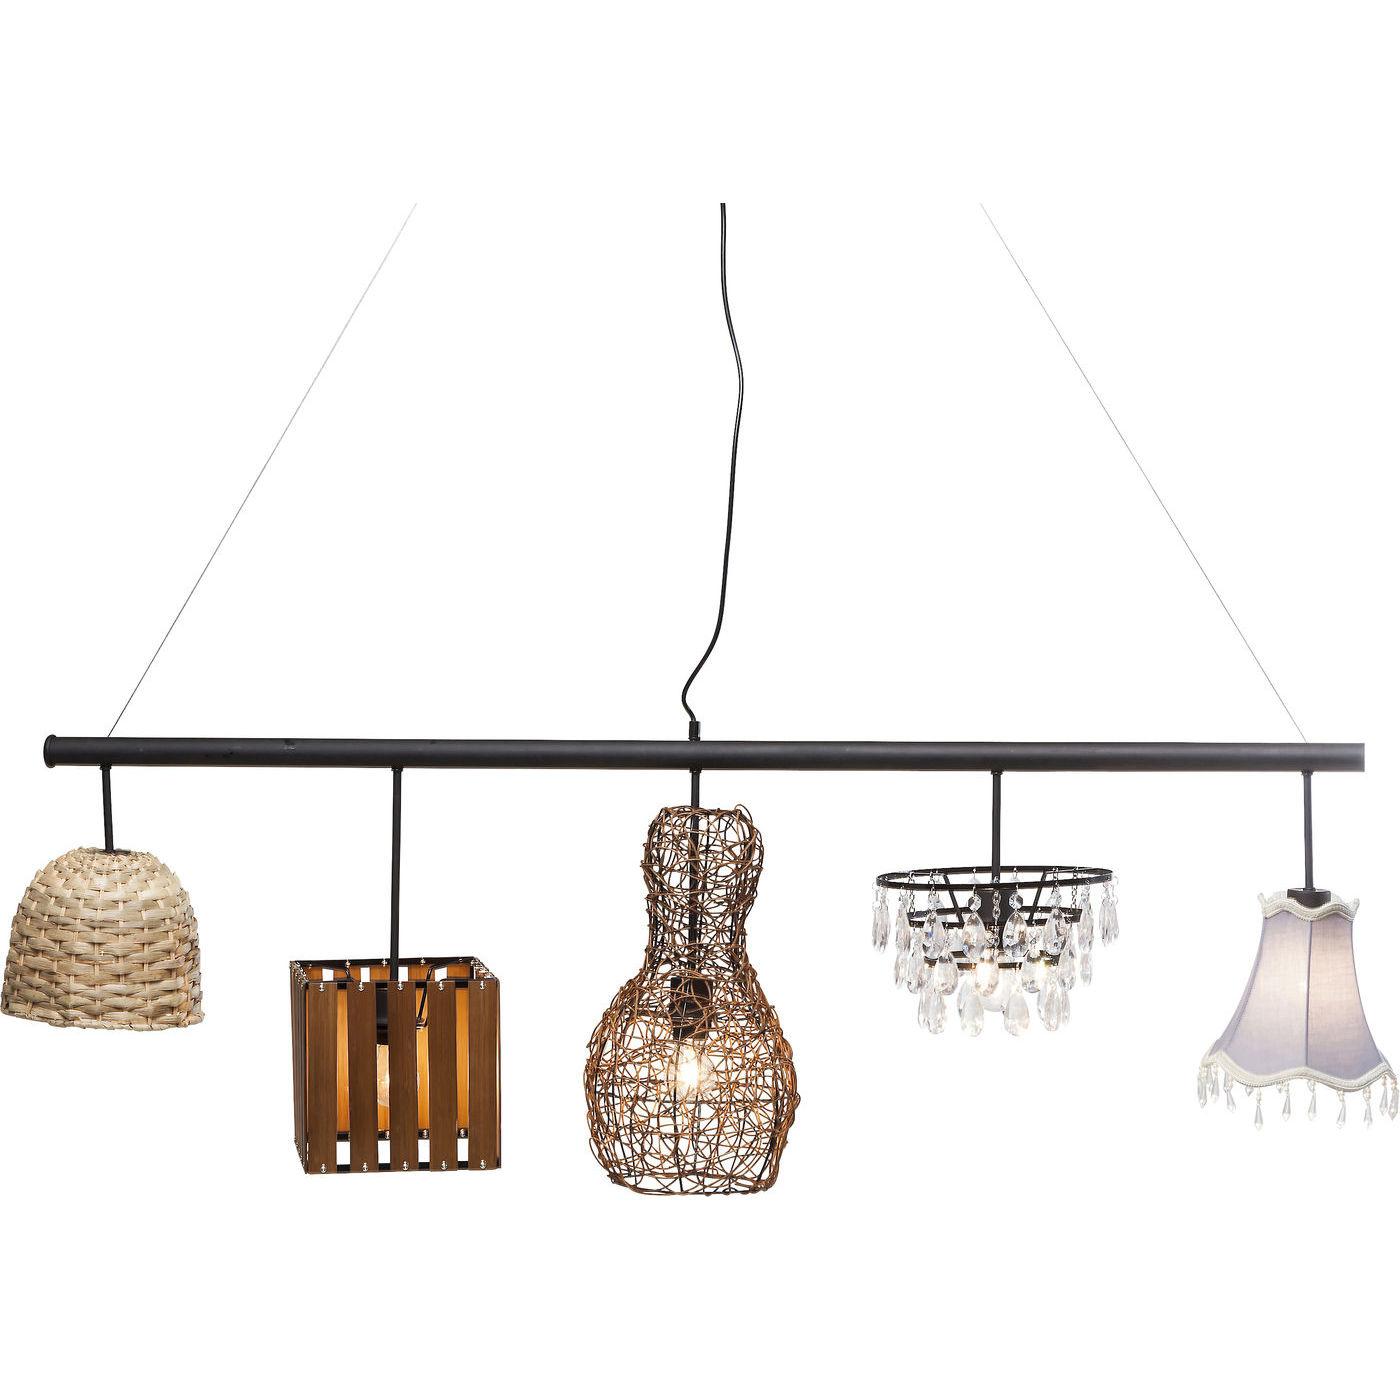 KARE DESIGN Parecchi Art House loftlampe - sort/natur stål/rattan/plastik (150cm) thumbnail